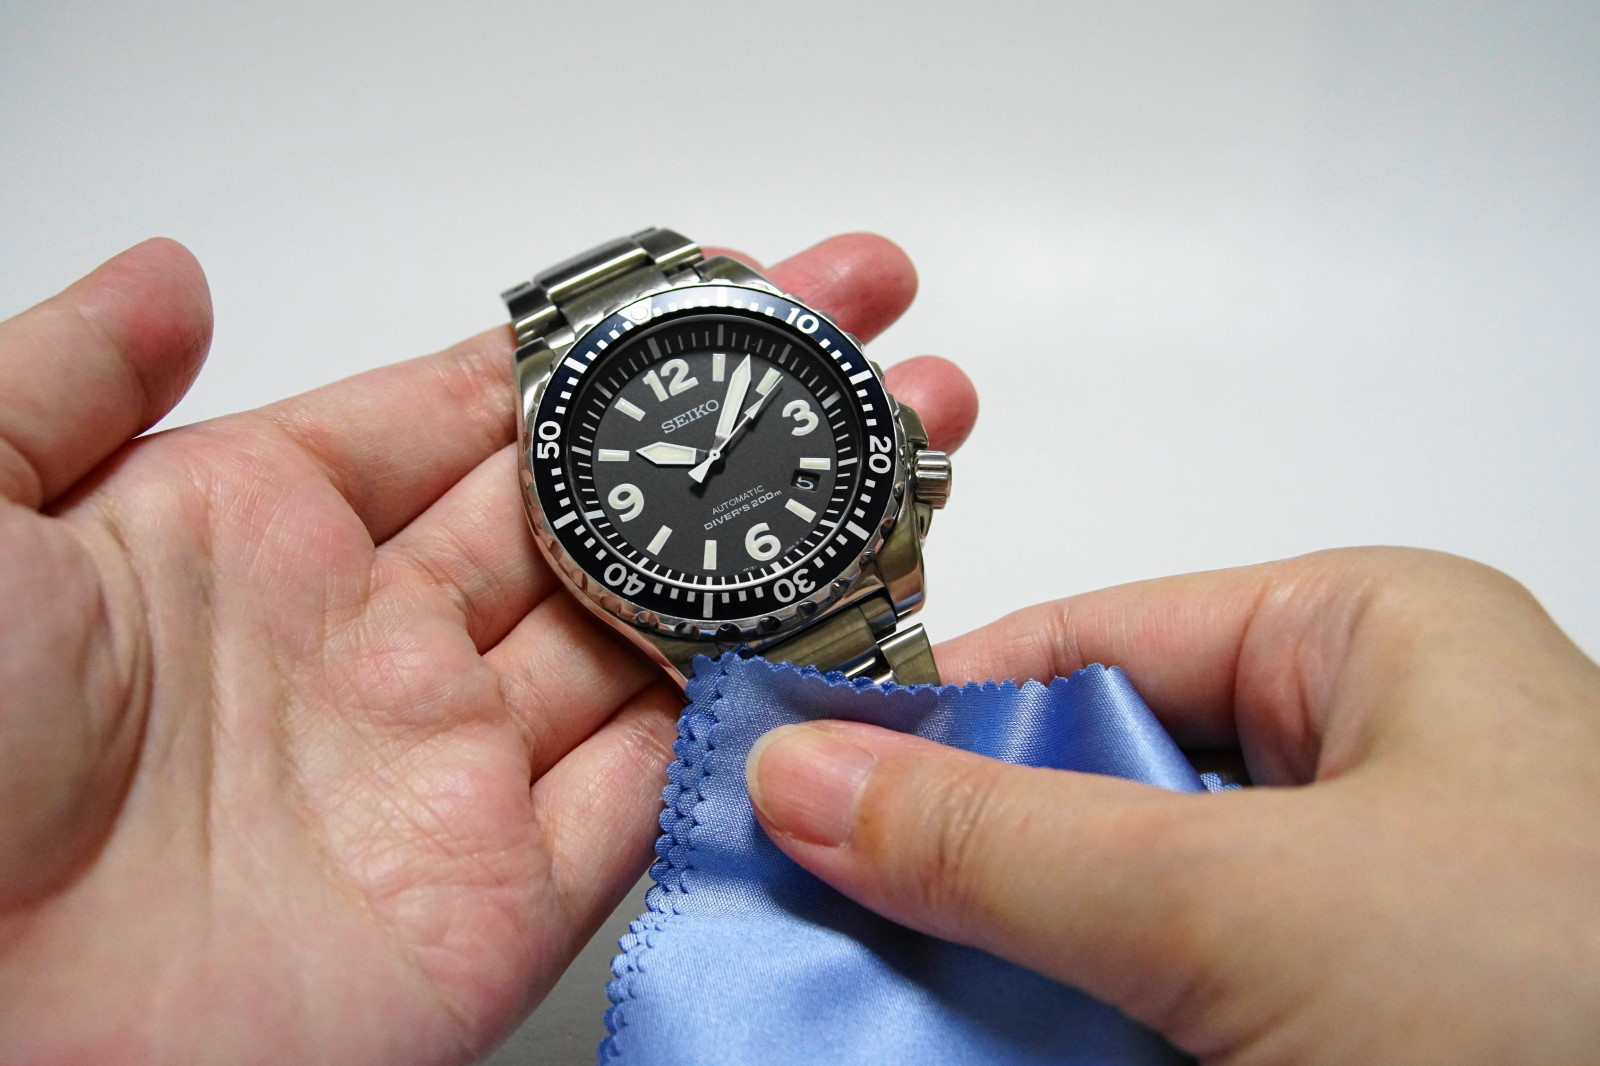 d408f4da93 知っていました?腕時計を拭くだけでトラブルを防げます! | watch-mix